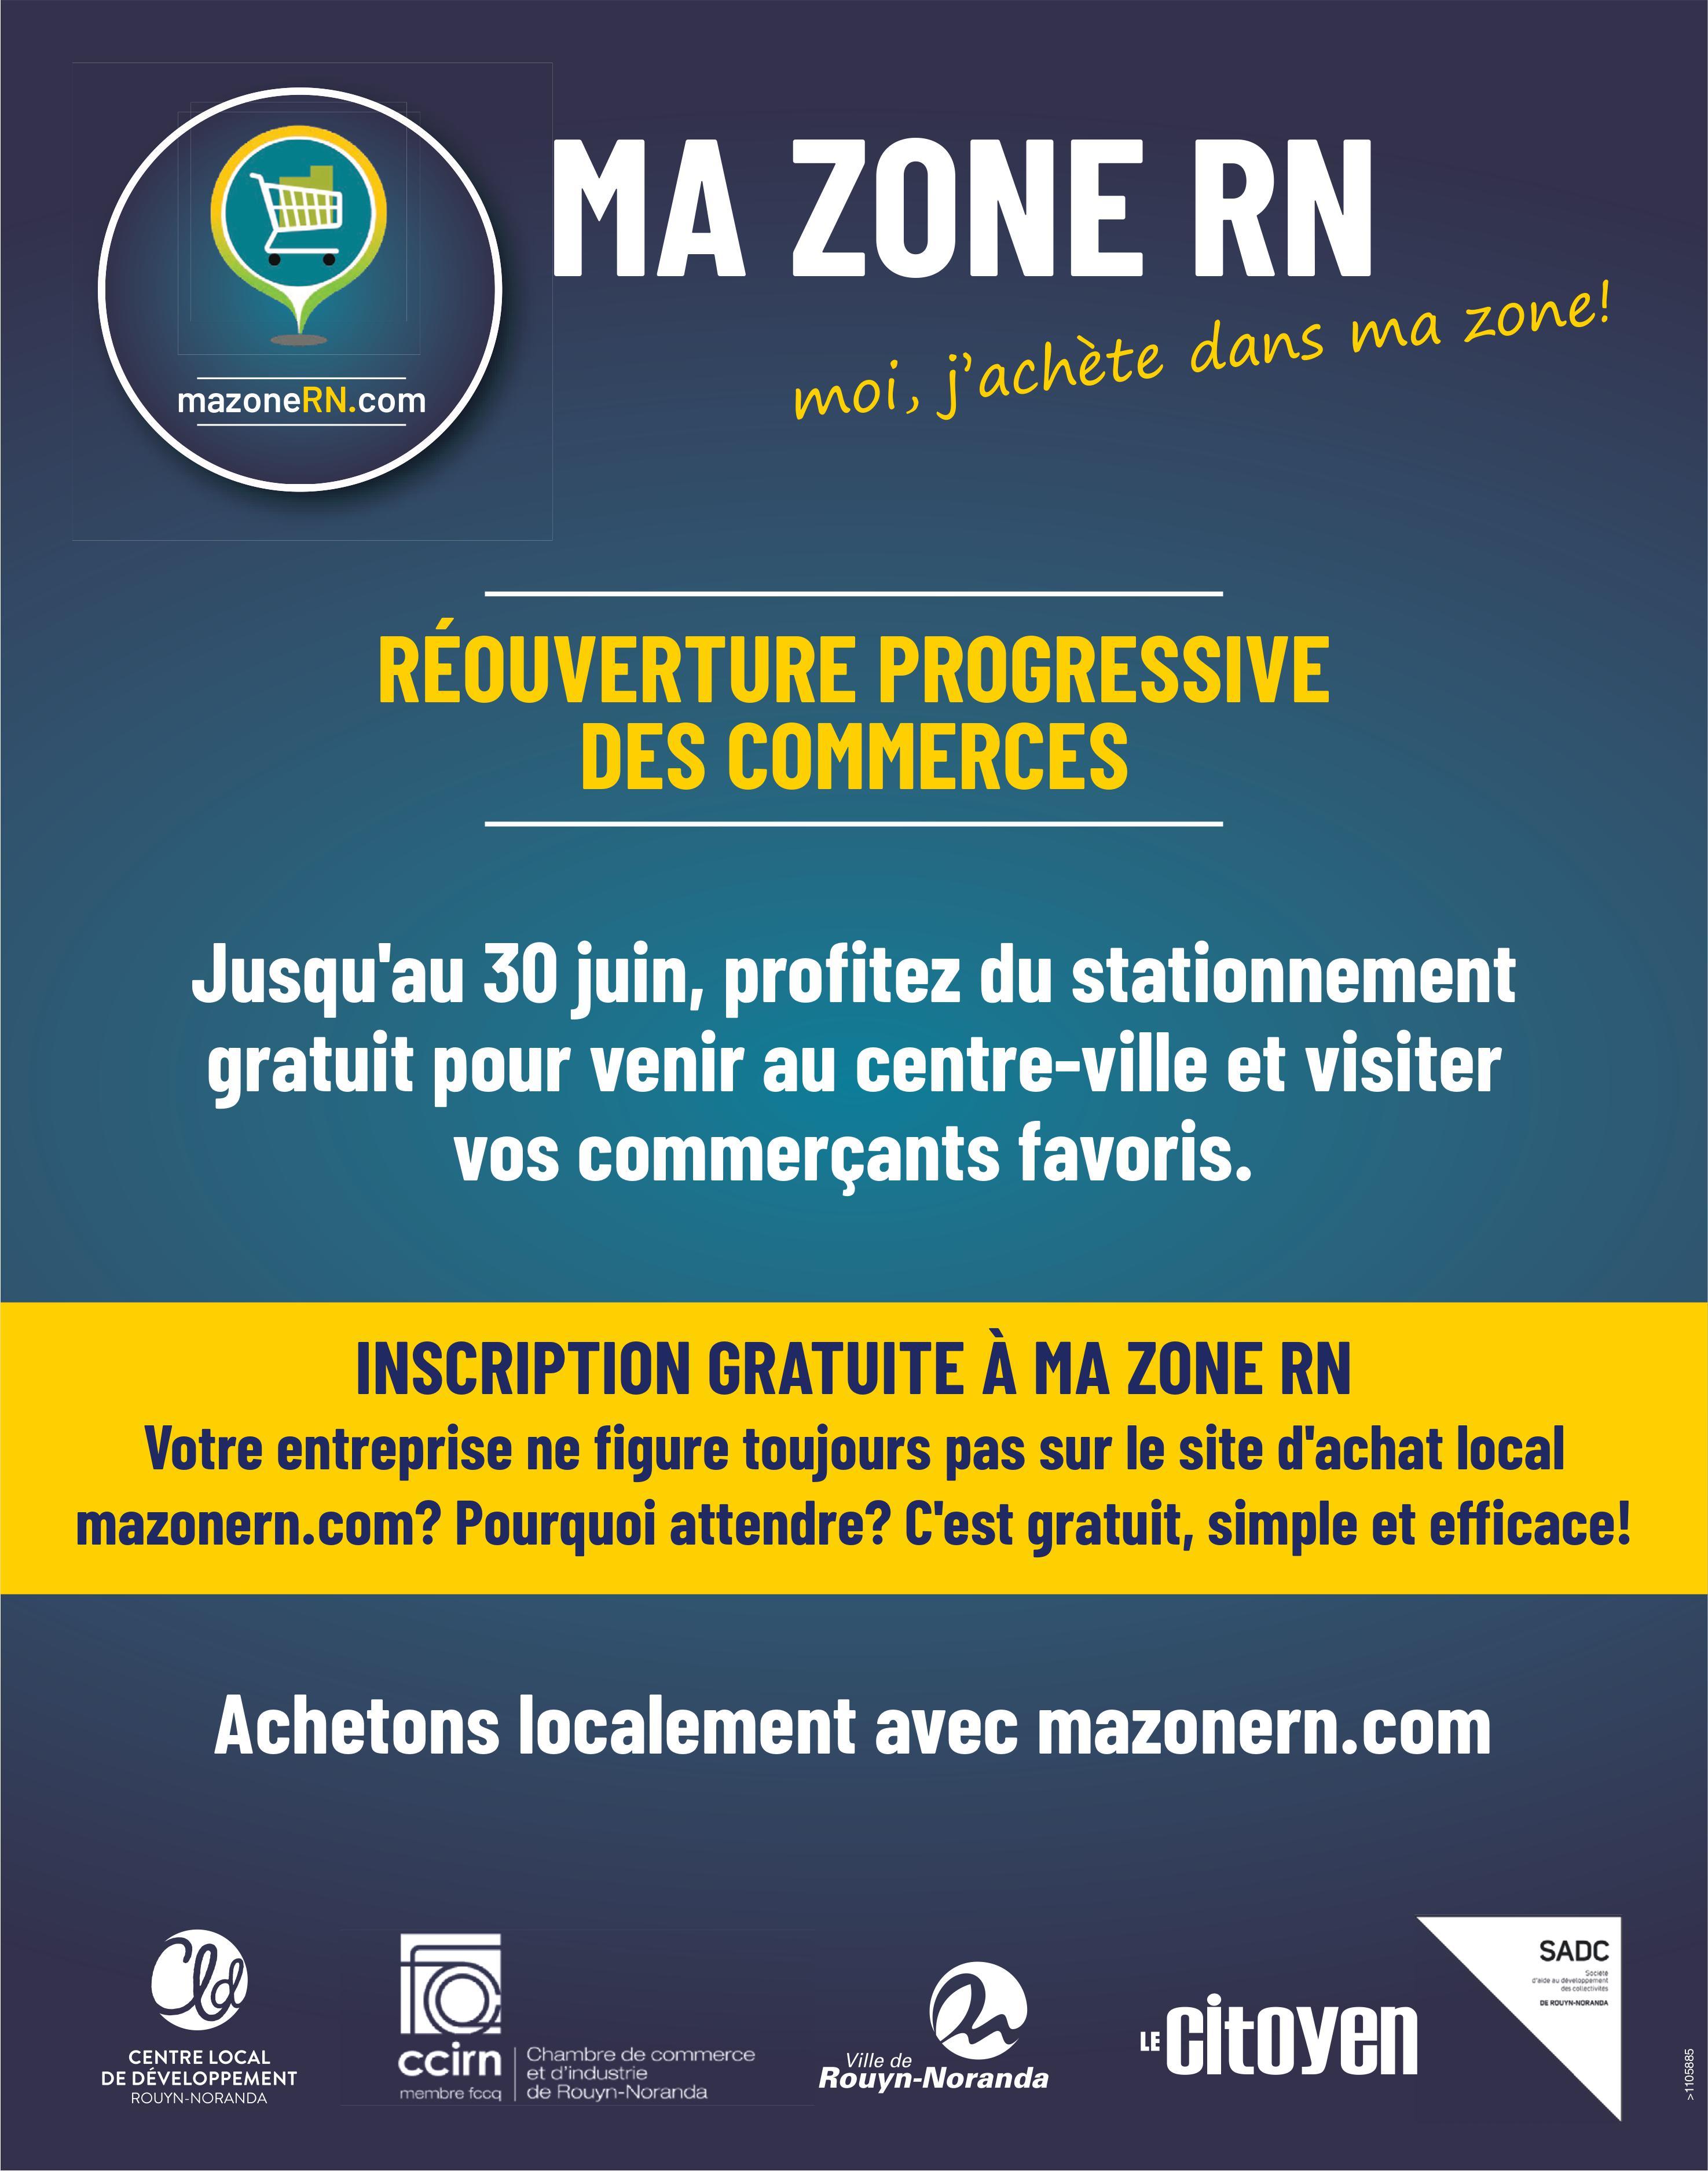 Zone RN